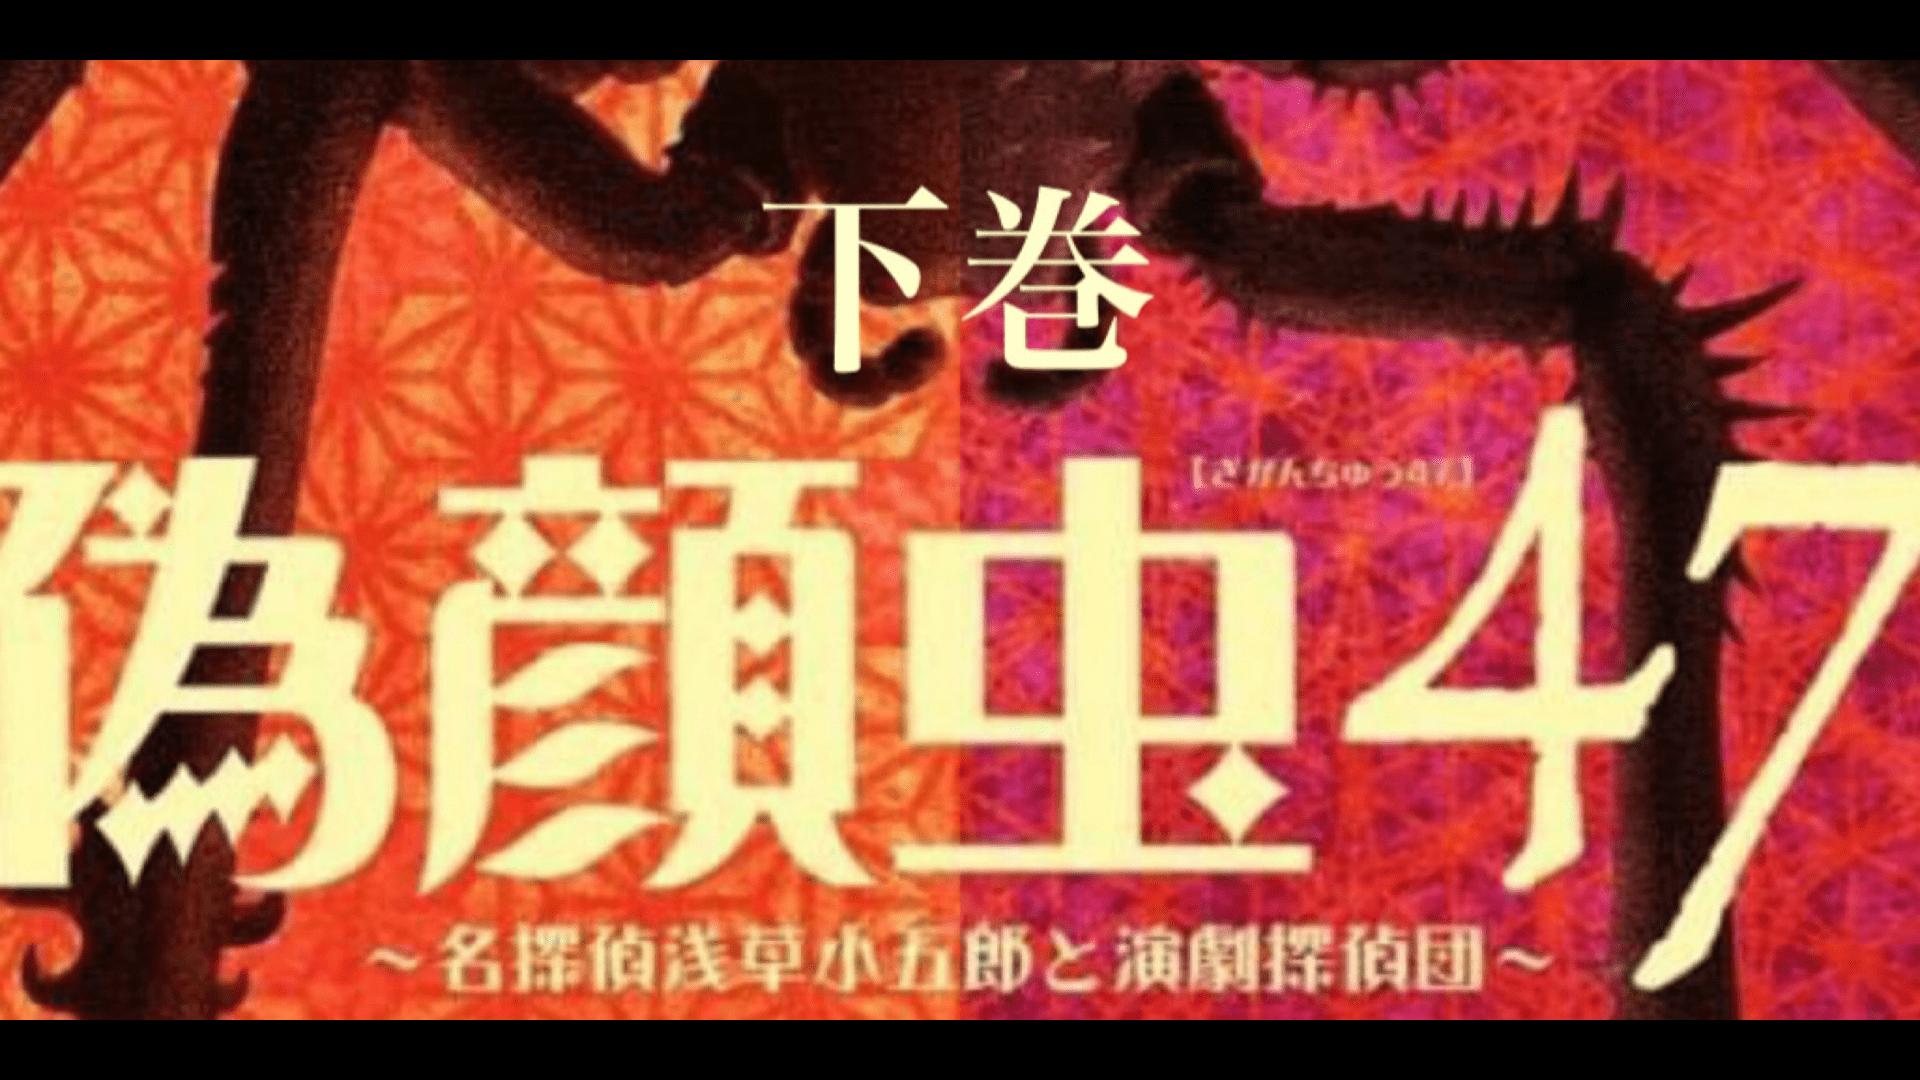 偽顔虫47 下巻「霊魂拡散の段〜ゴースト軍曹の復活に踊る虫酸夫人〜」